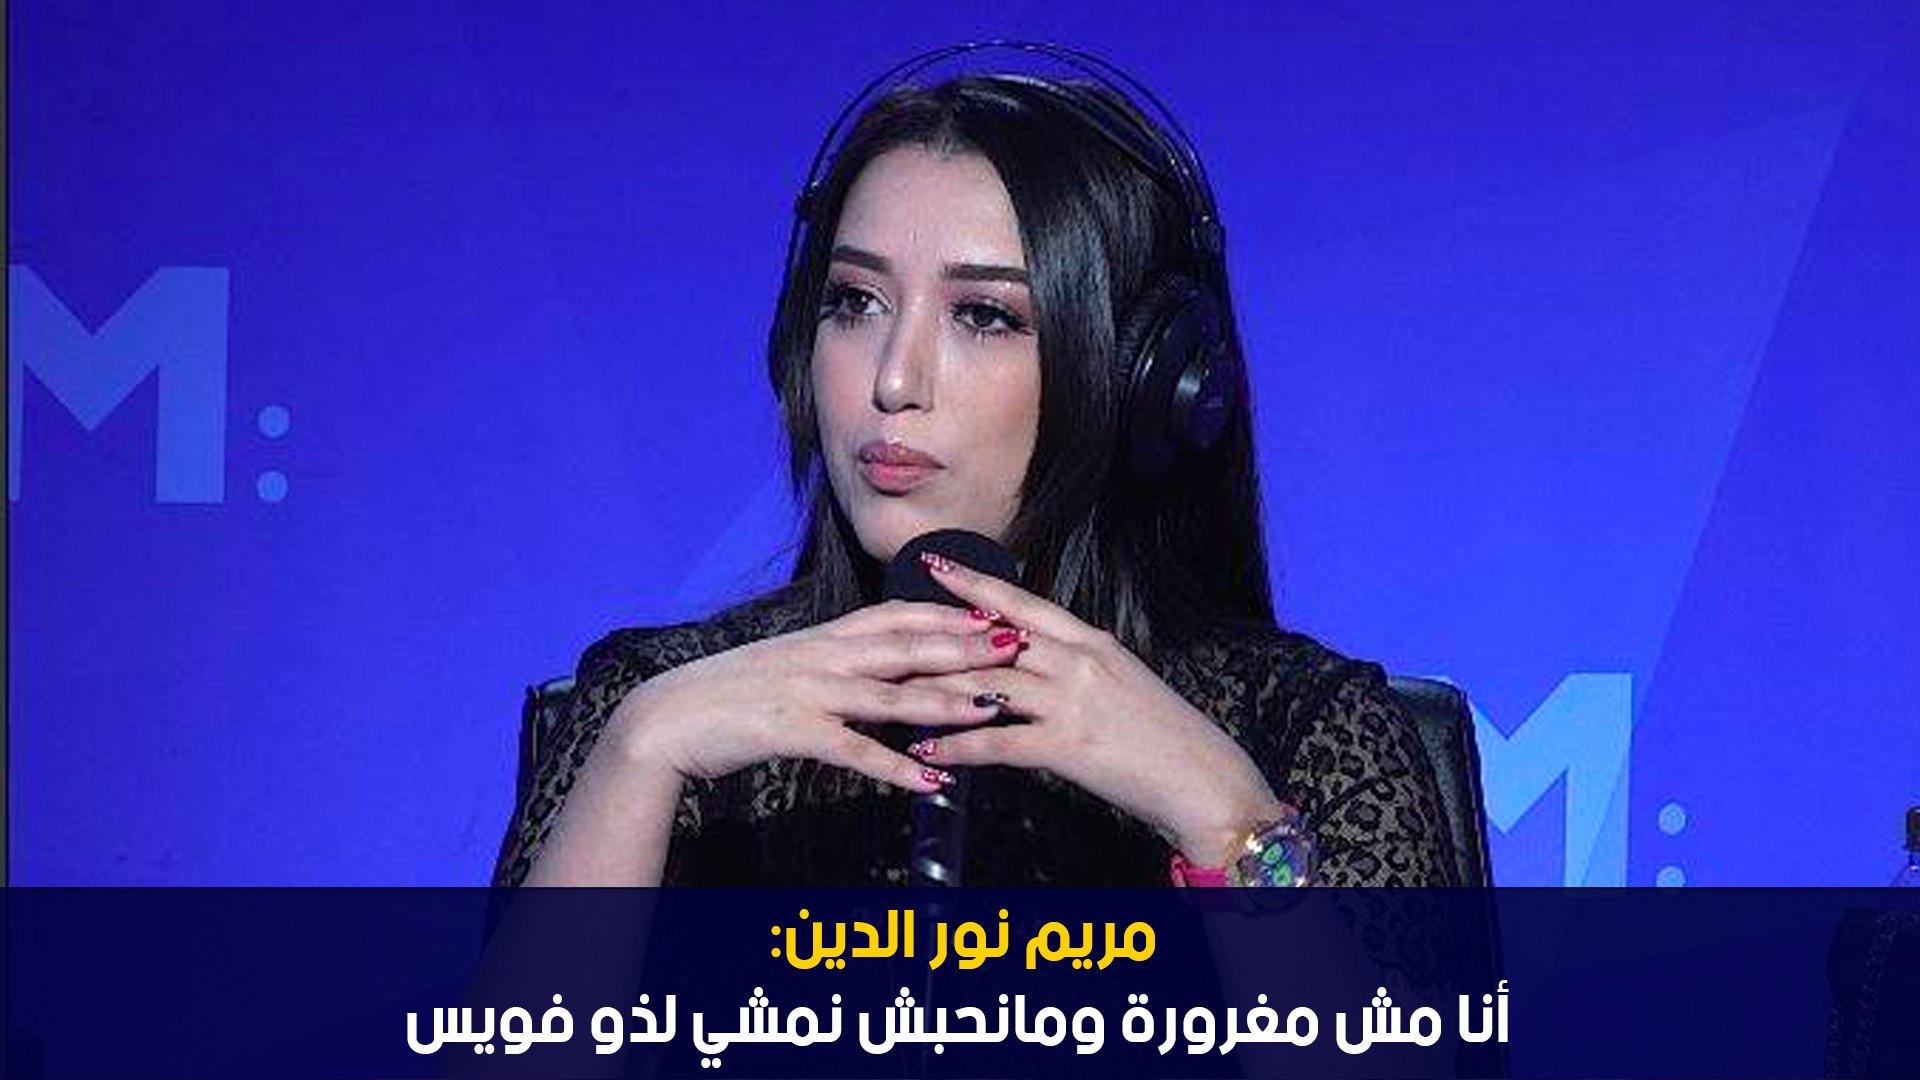 مريم نور الدين:أنا مش مغرورة ومانحبش نمشي لذو فويس